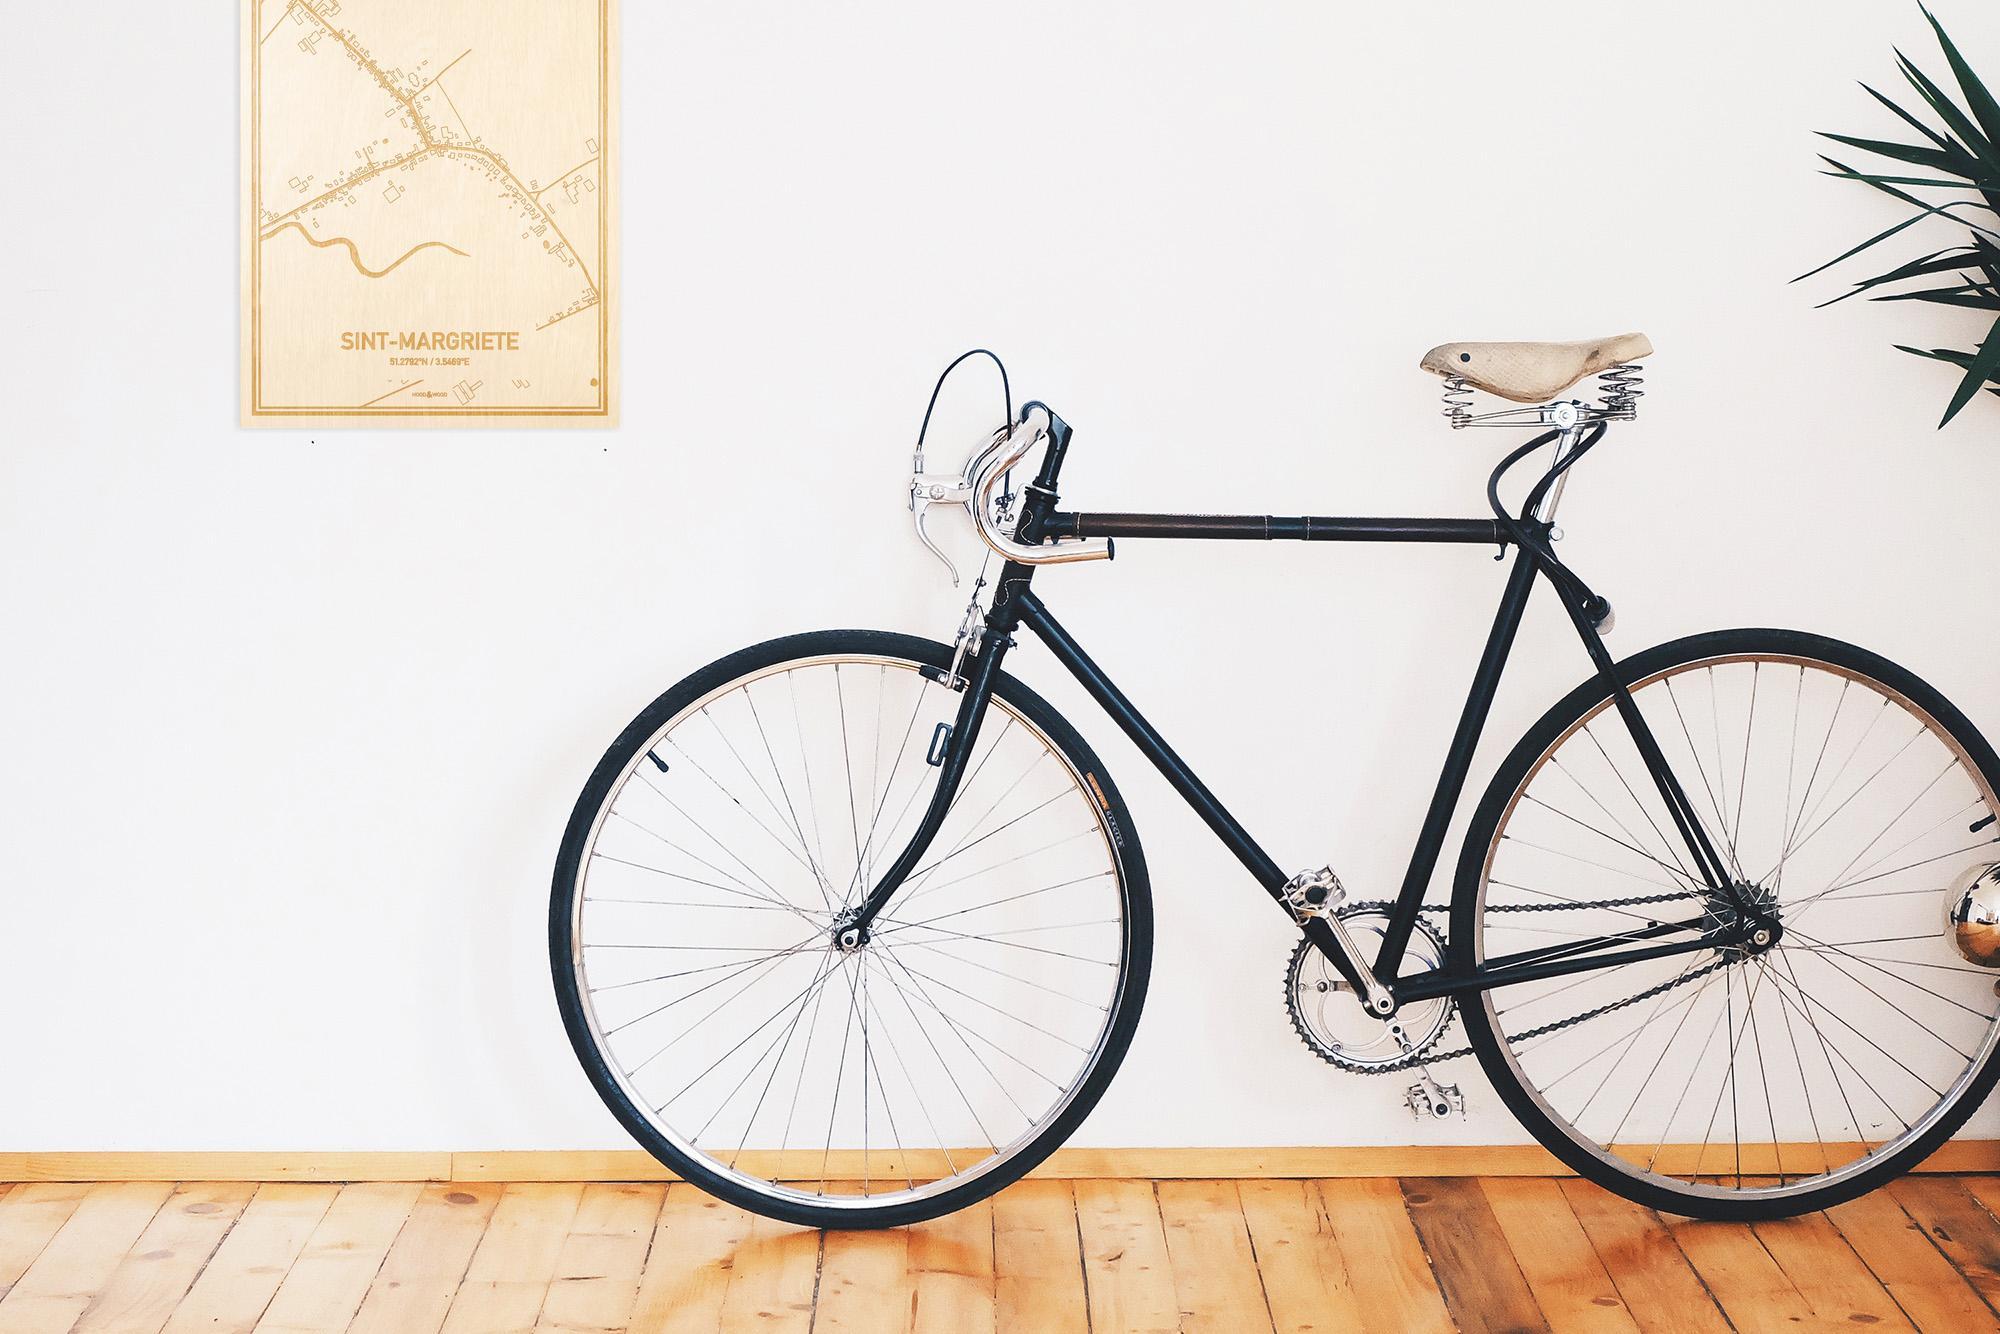 Een snelle fiets in een uniek interieur in Oost-Vlaanderen  met mooie decoratie zoals de plattegrond Sint-Margriete.